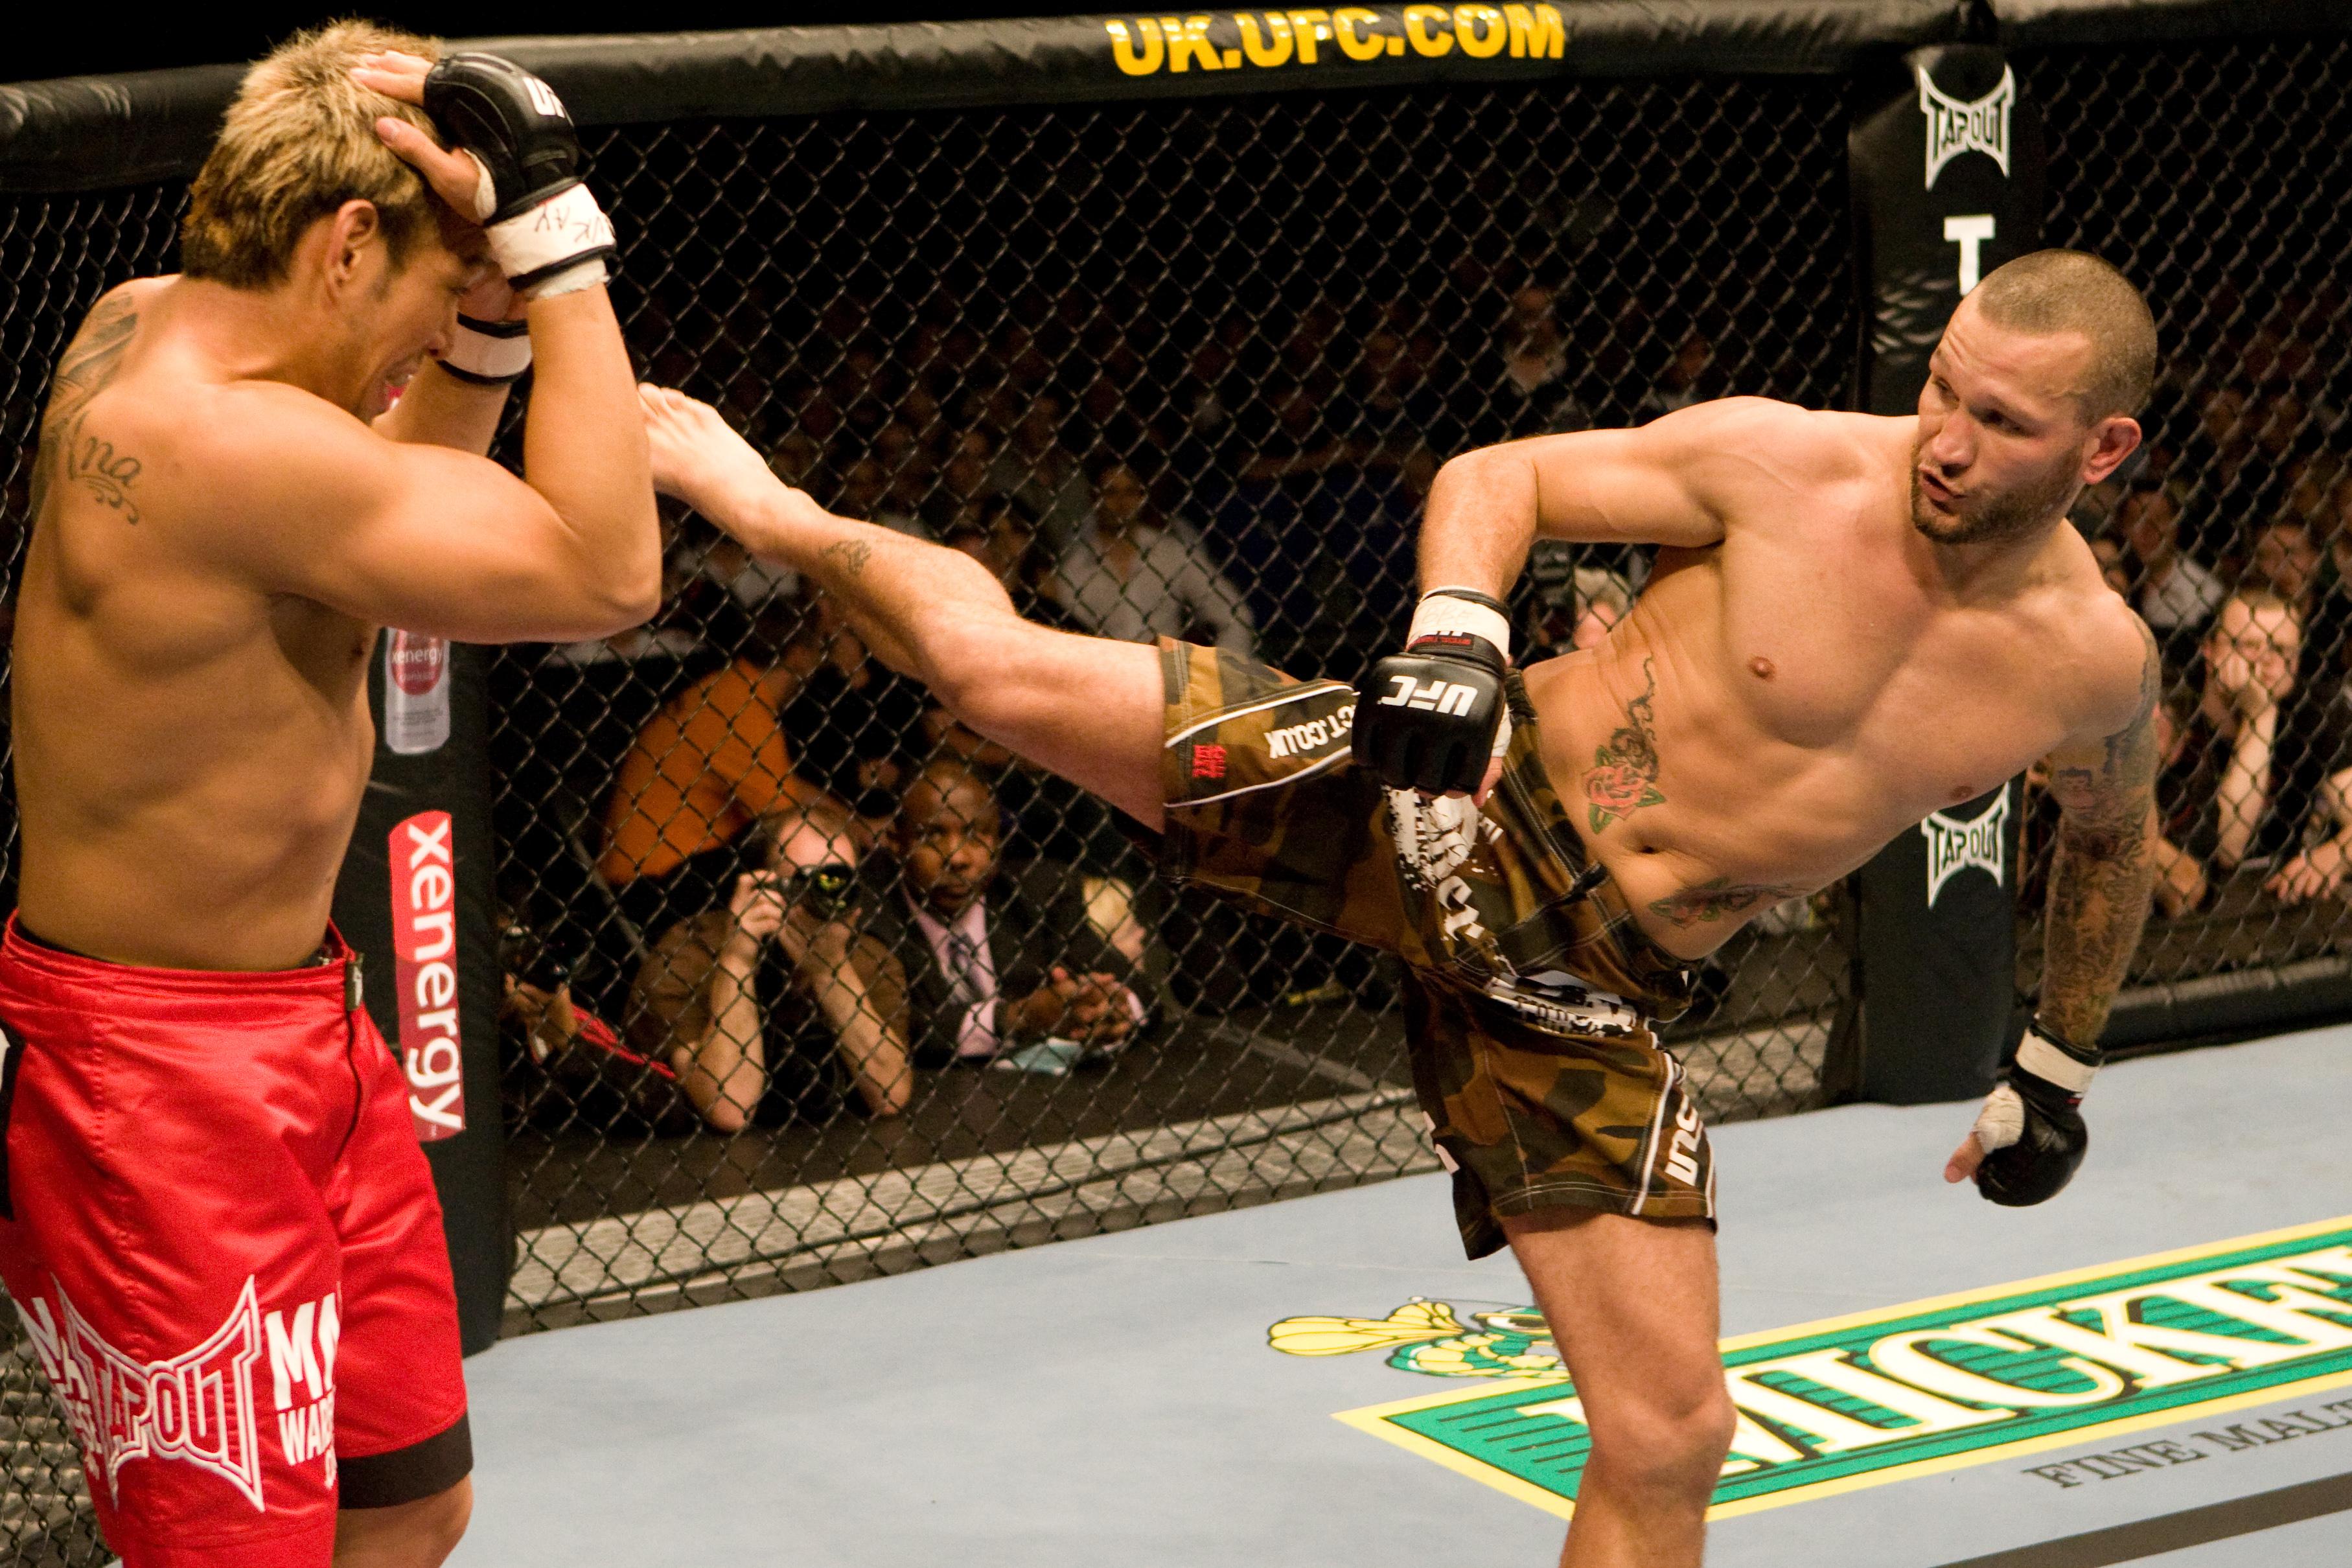 UFC 75